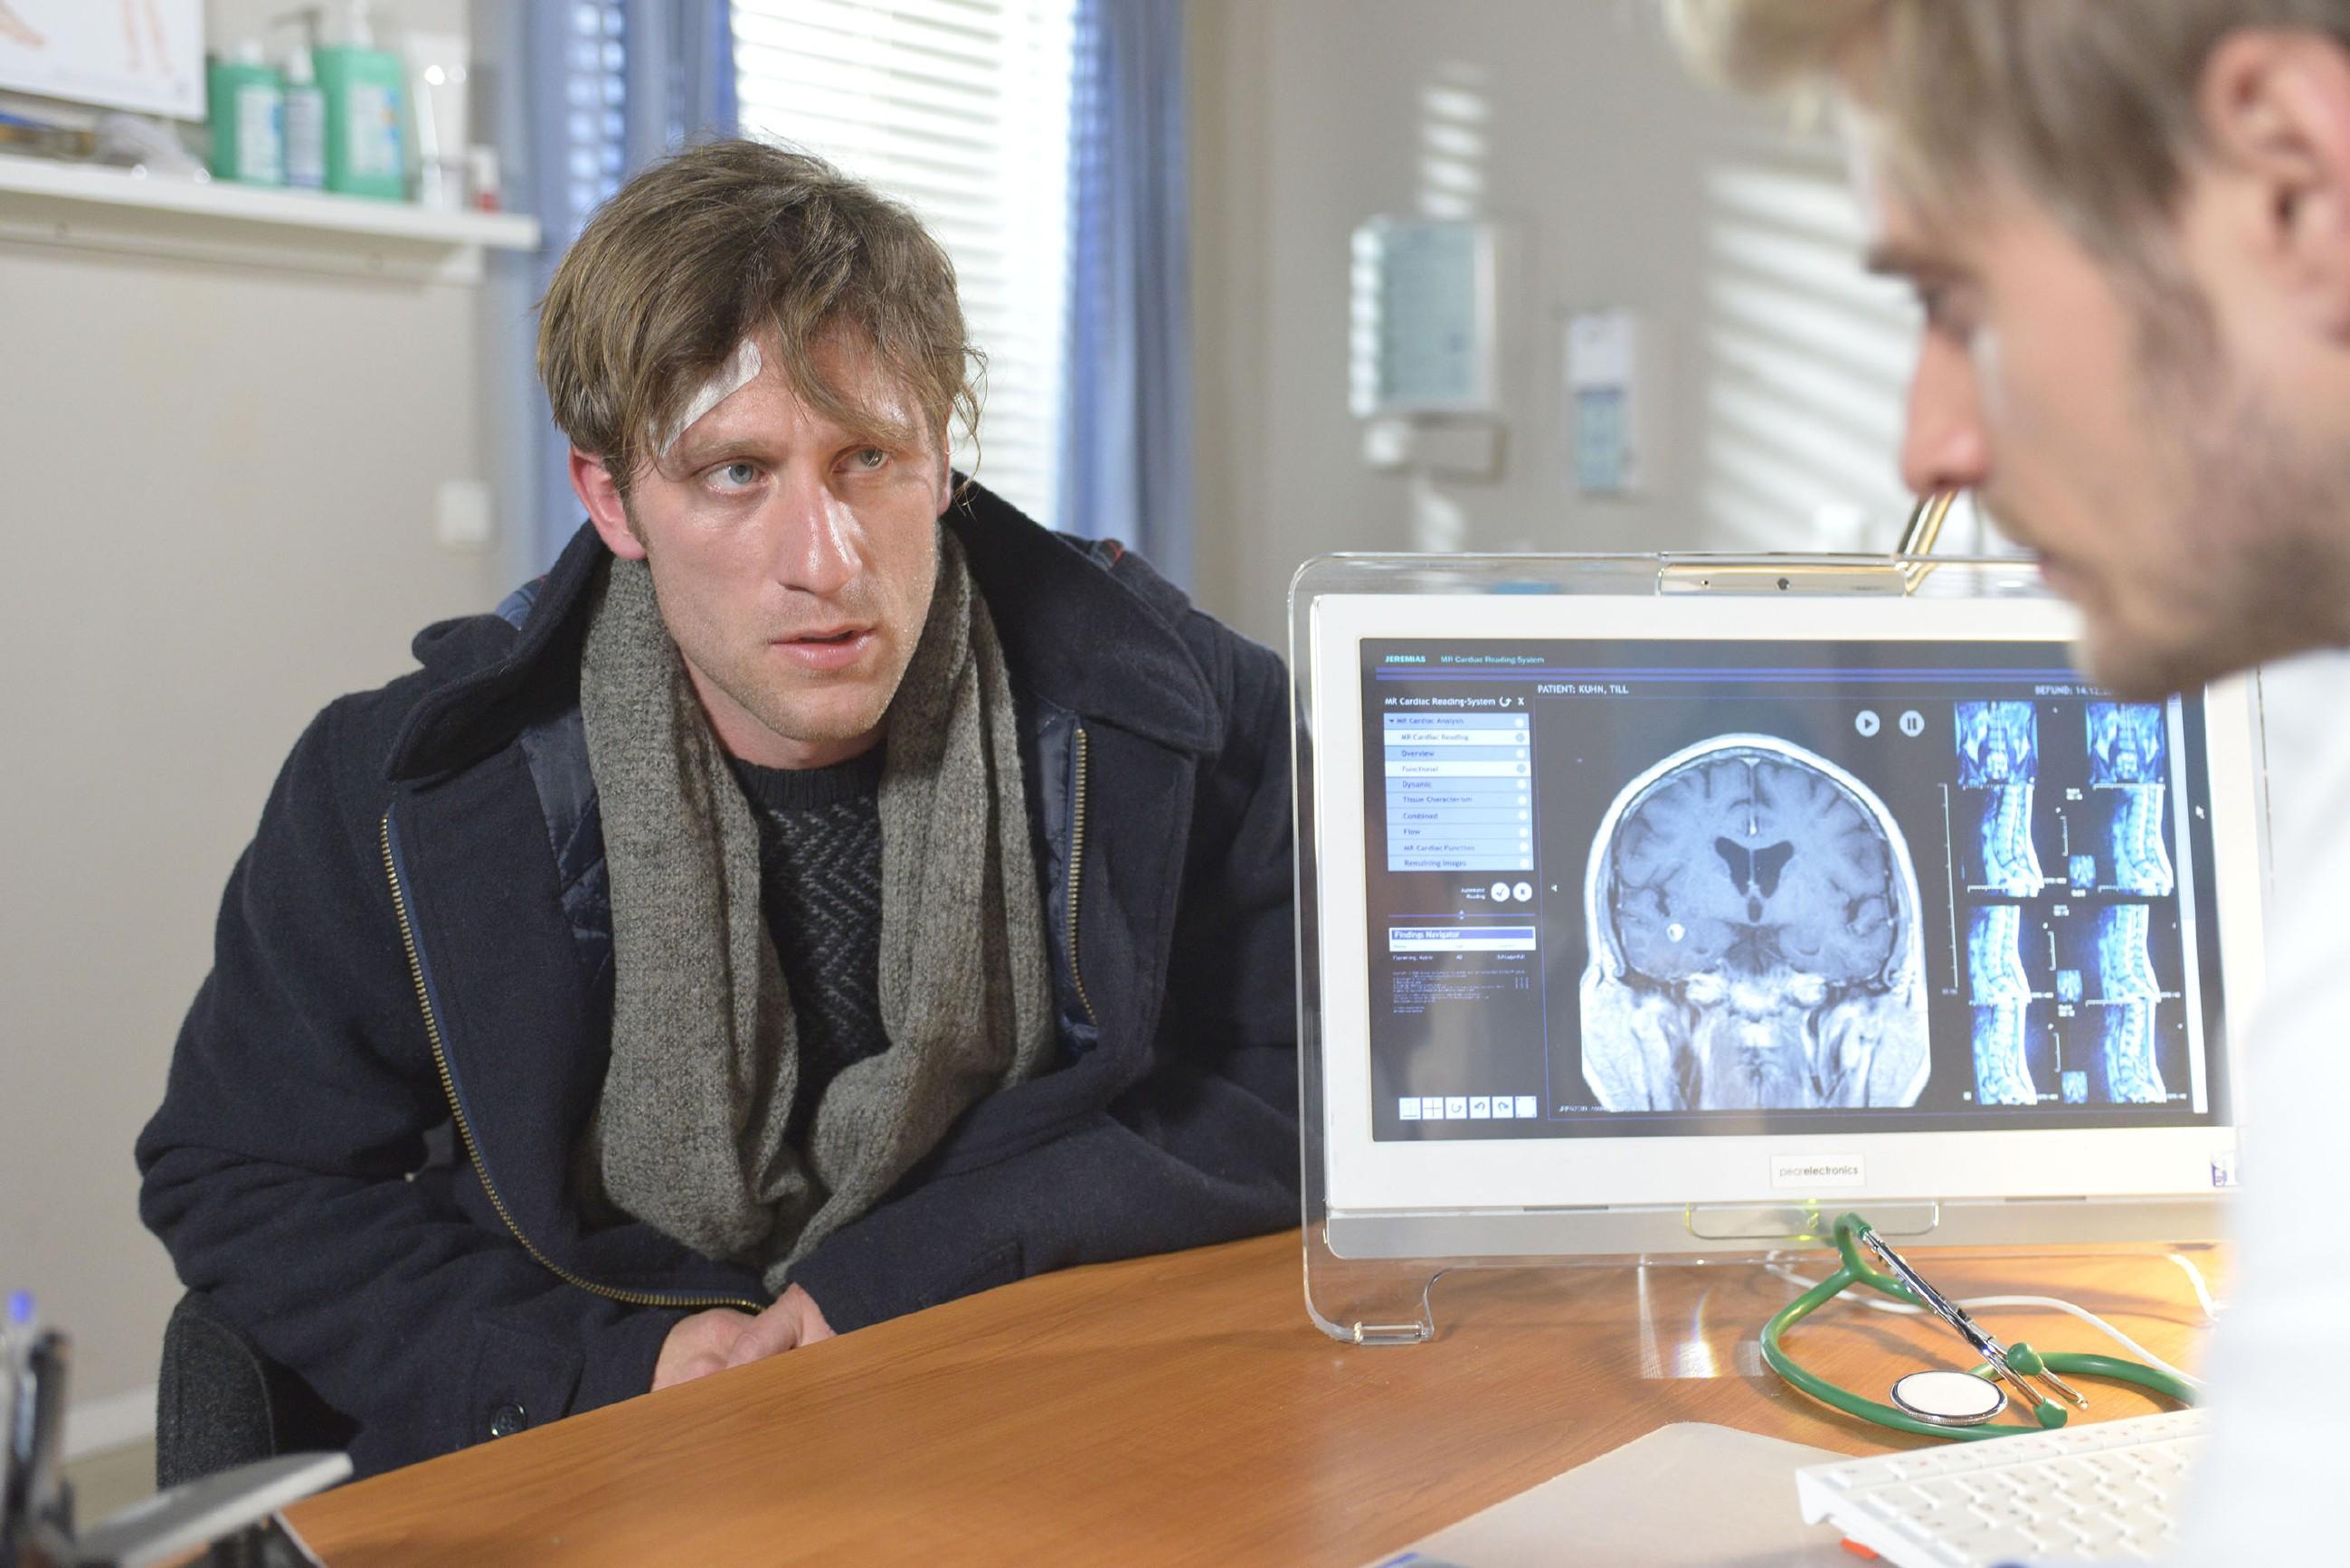 Till (Merlin Leonhardt, l.) bekommt von Philip (Jörn Schlönvoigt) eine niederschmetternde Diagnose... (Quelle: RTL / Rolf Baumgartner)